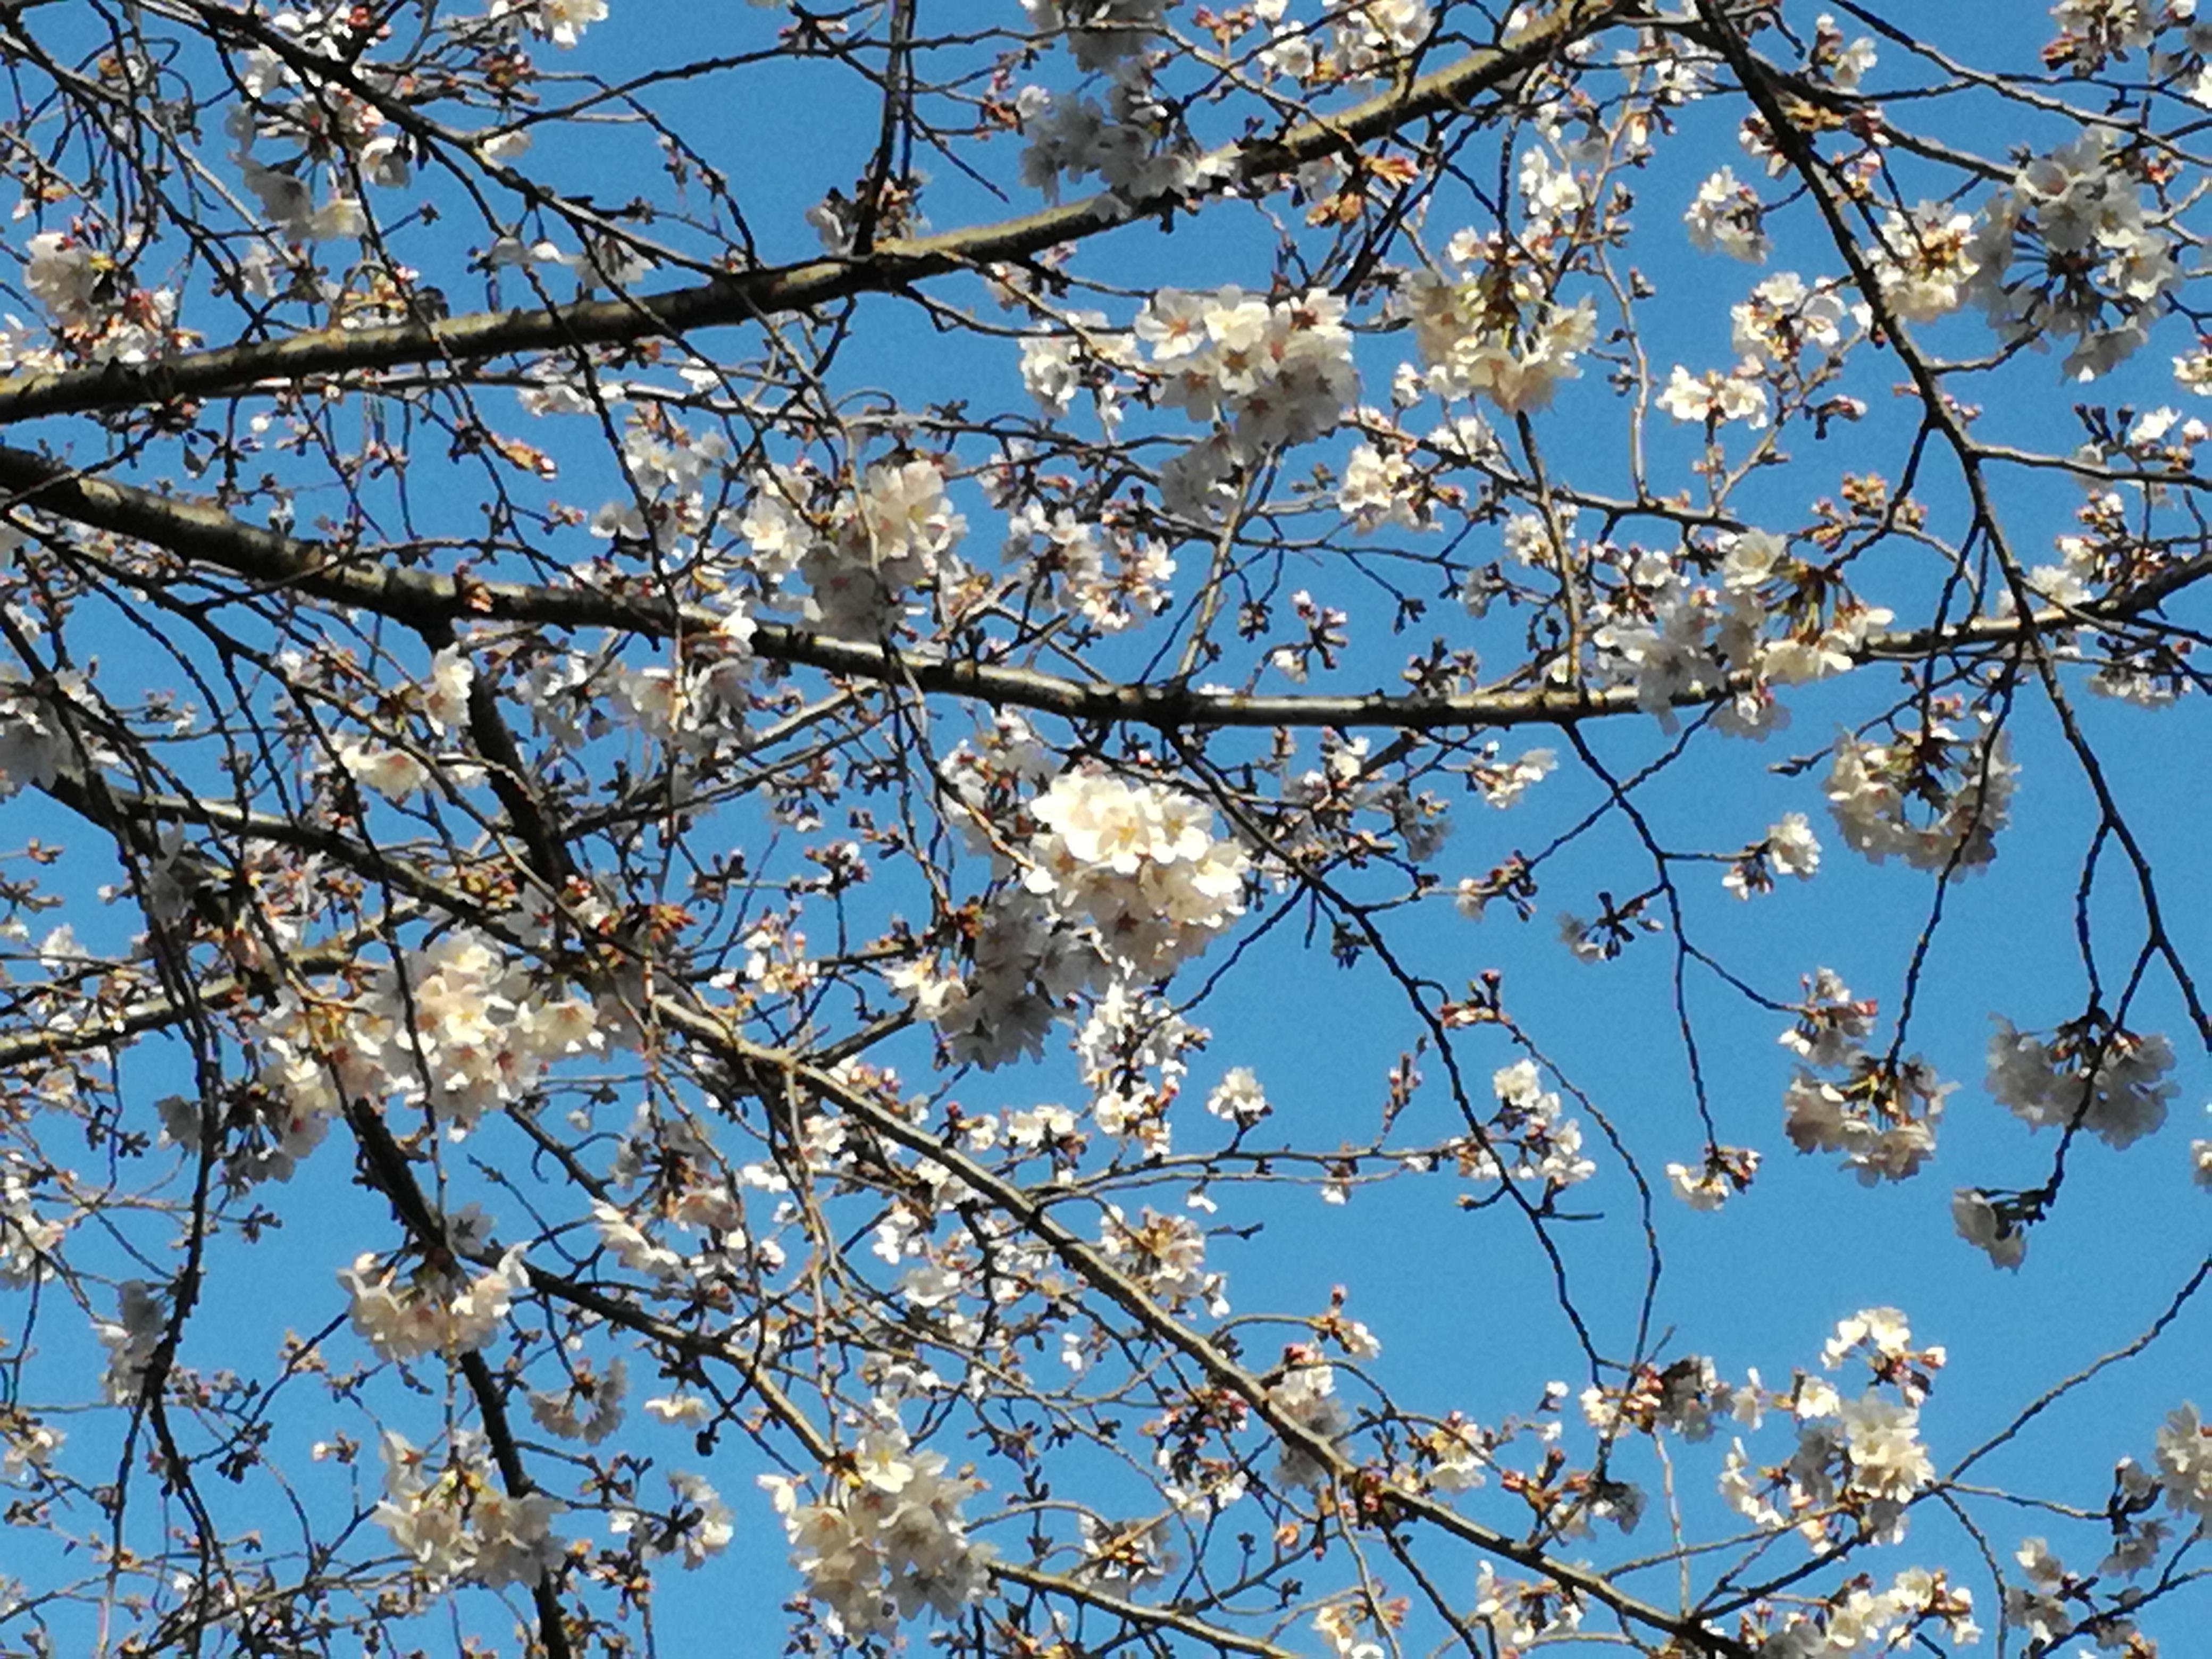 薬膳教室の生徒さんと眺めた明原公園の桜花